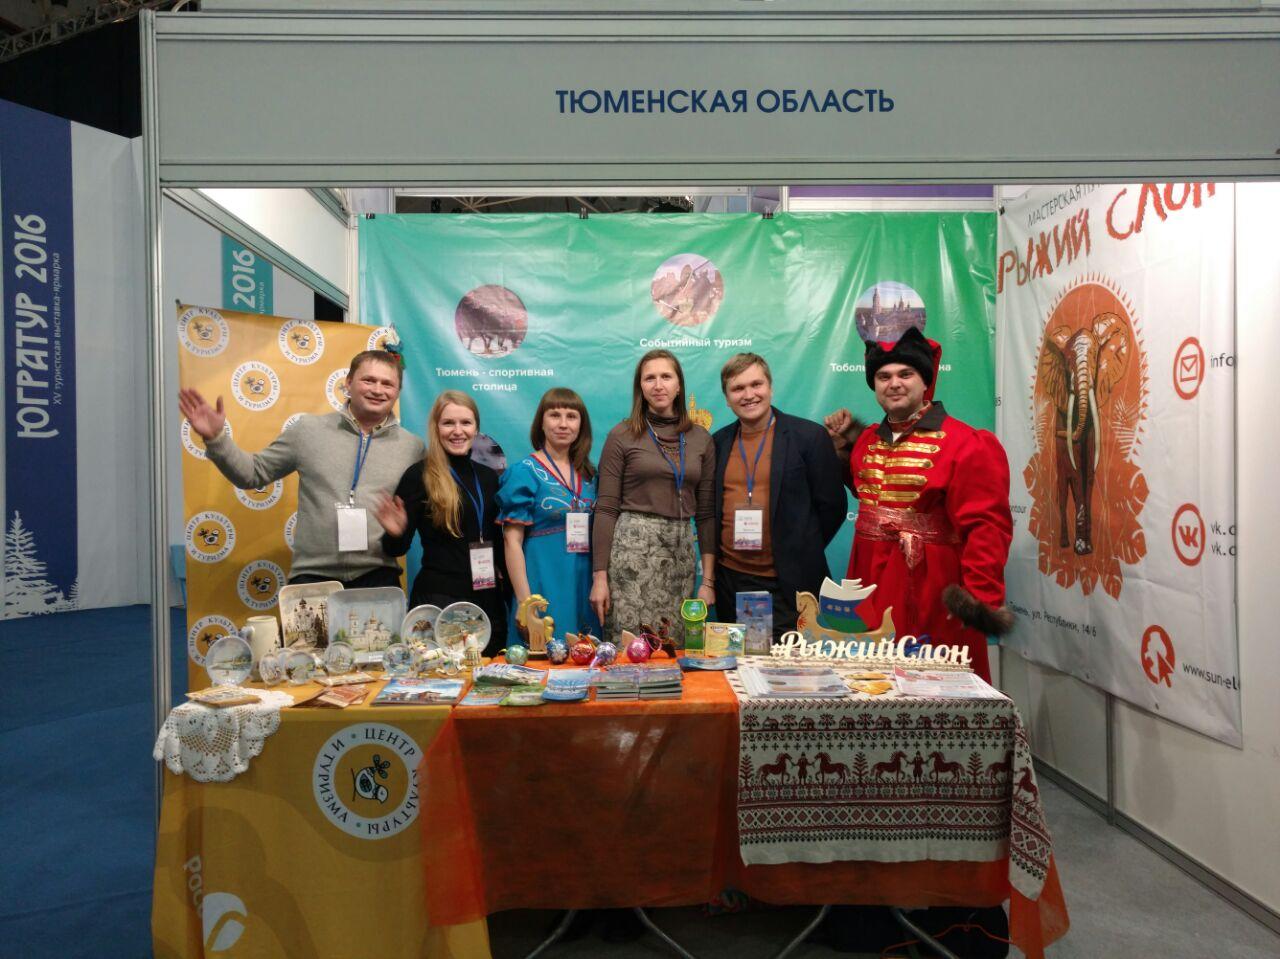 Мероприятия и конкурсы в тюмени